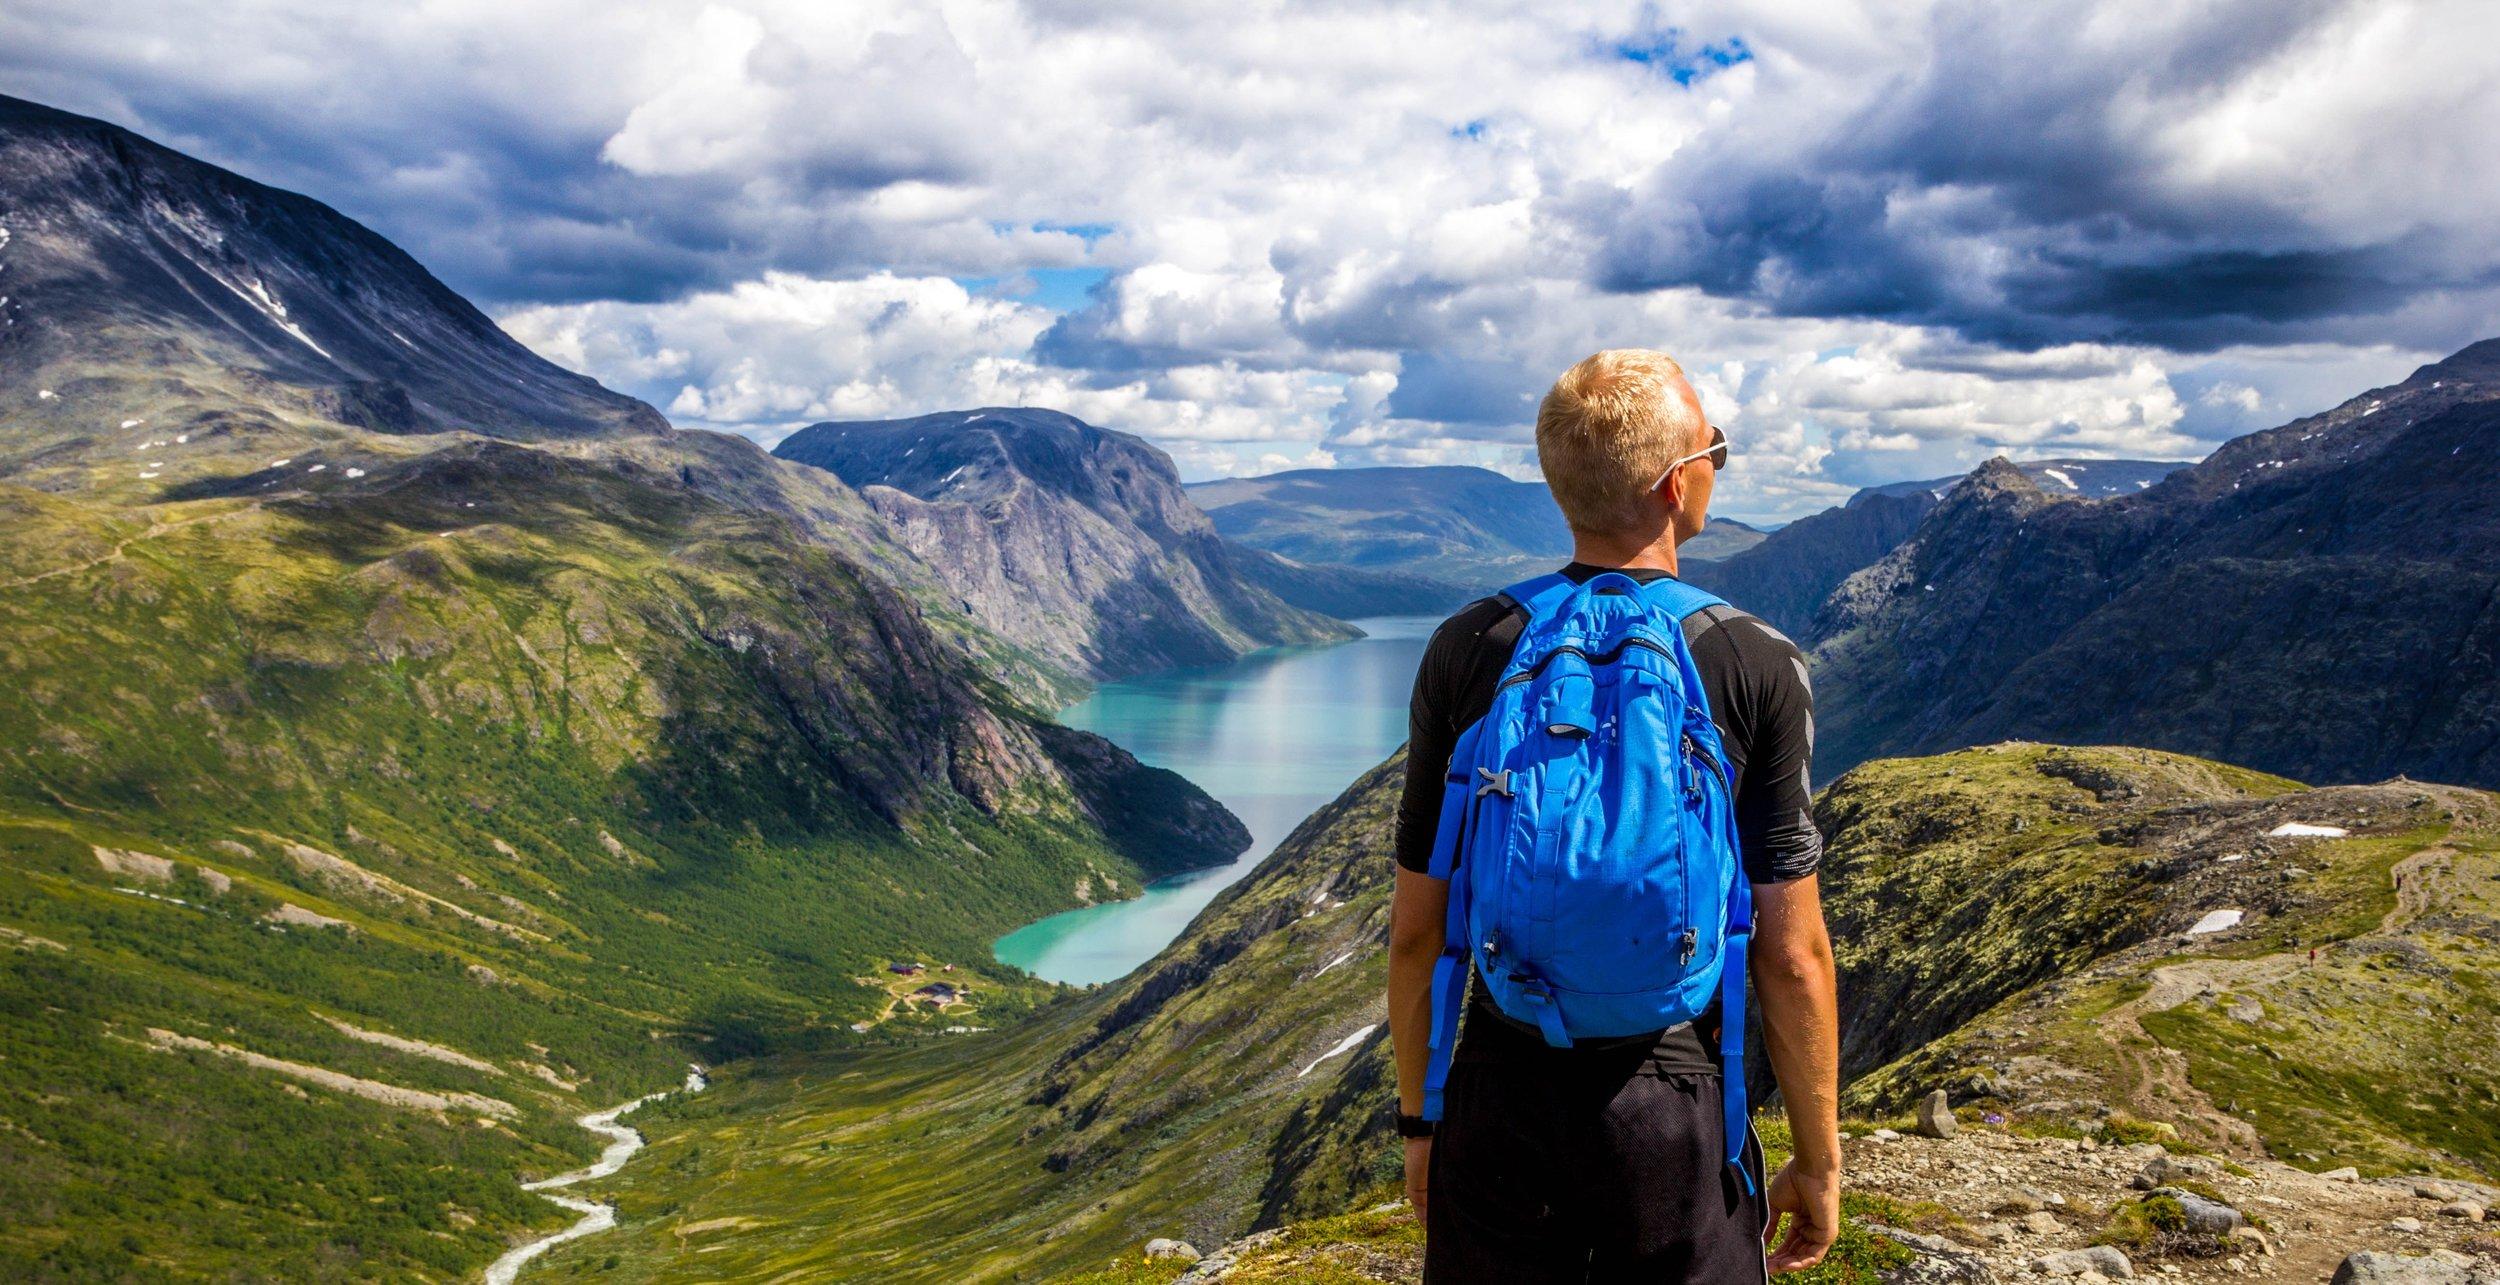 backpack-beautiful-boy-34511.jpg